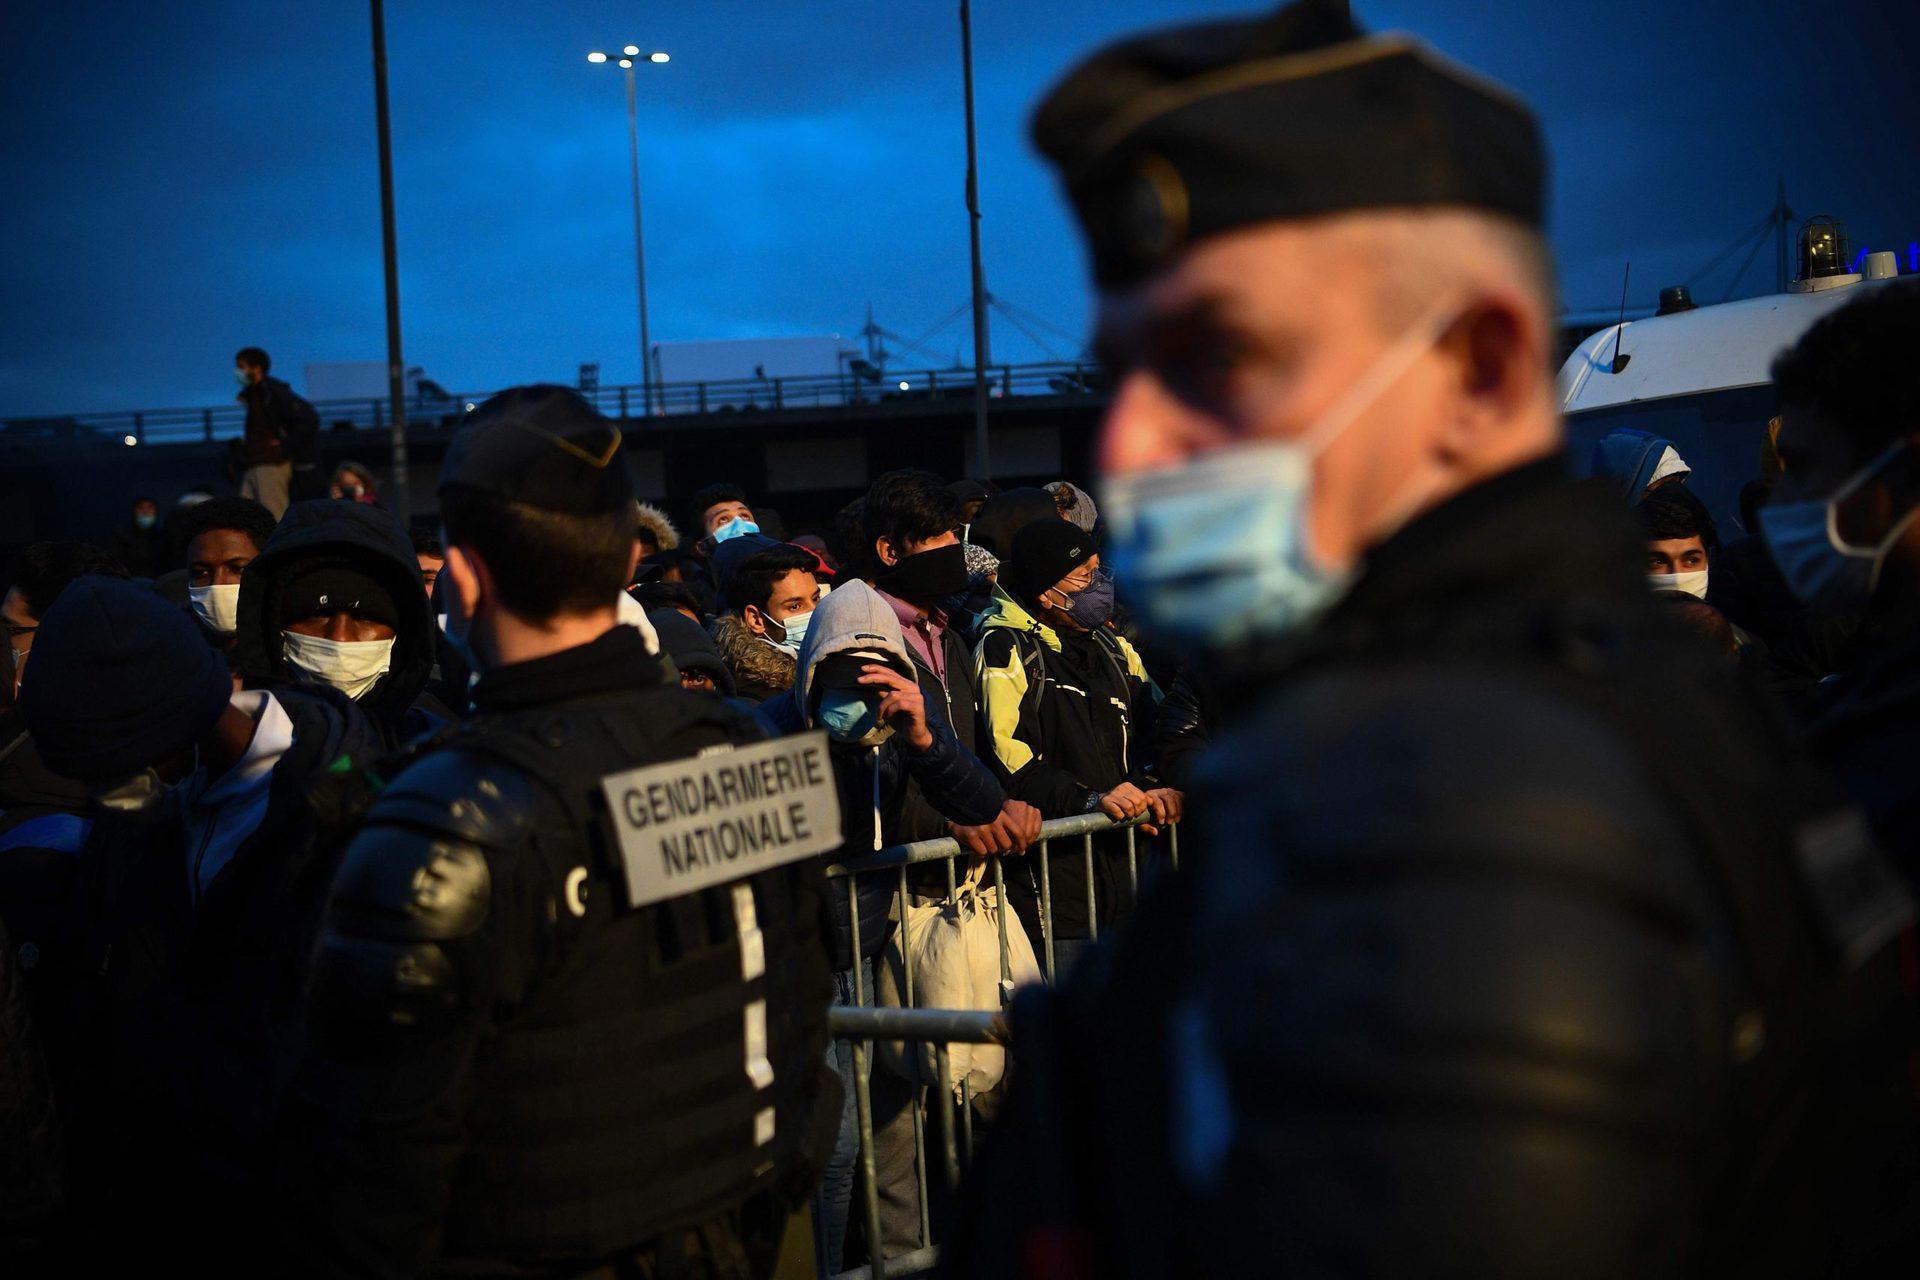 «Schockierende» Bilder: Räumung von Migrantencamp in Paris Polizei in der Kritik